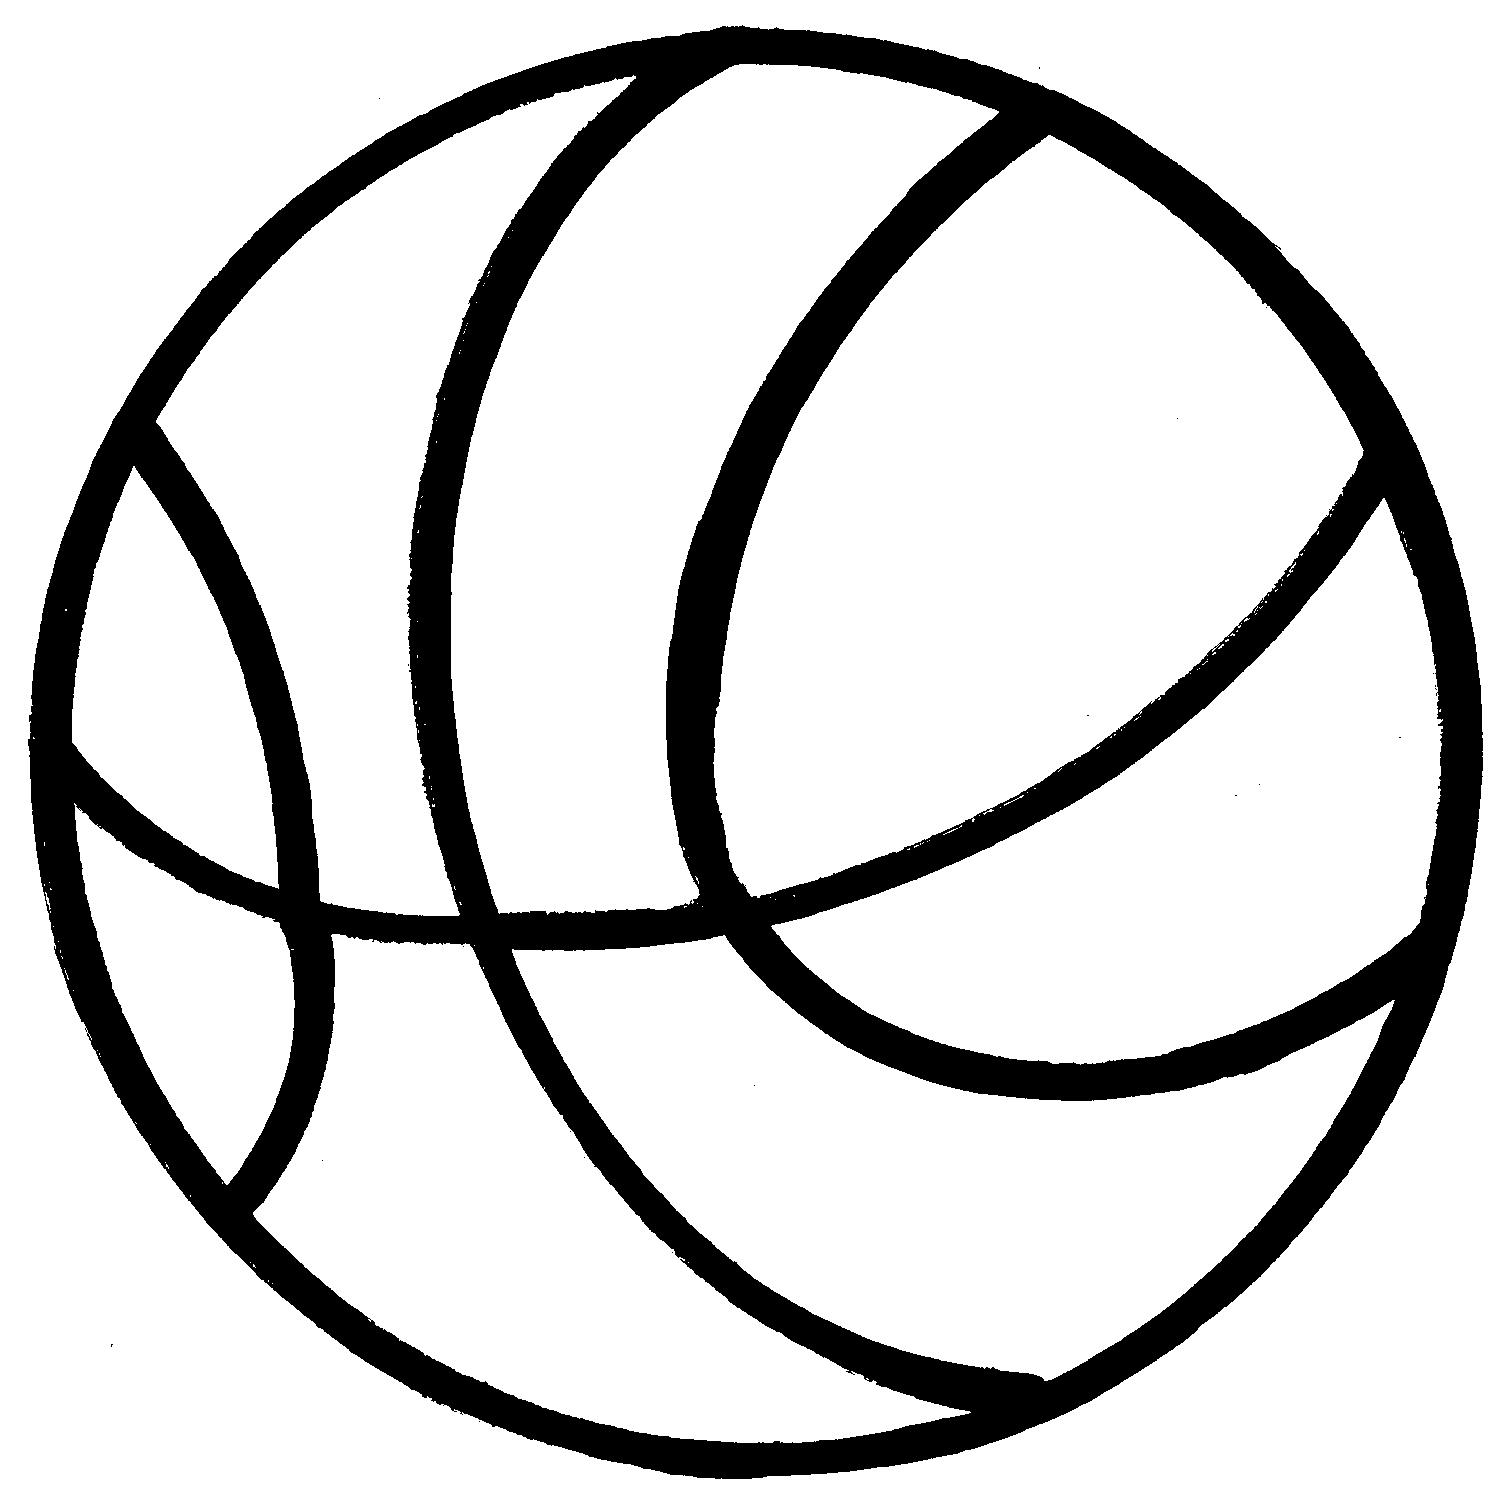 1509x1500 Basketball Goal Clip Art Clipart Panda